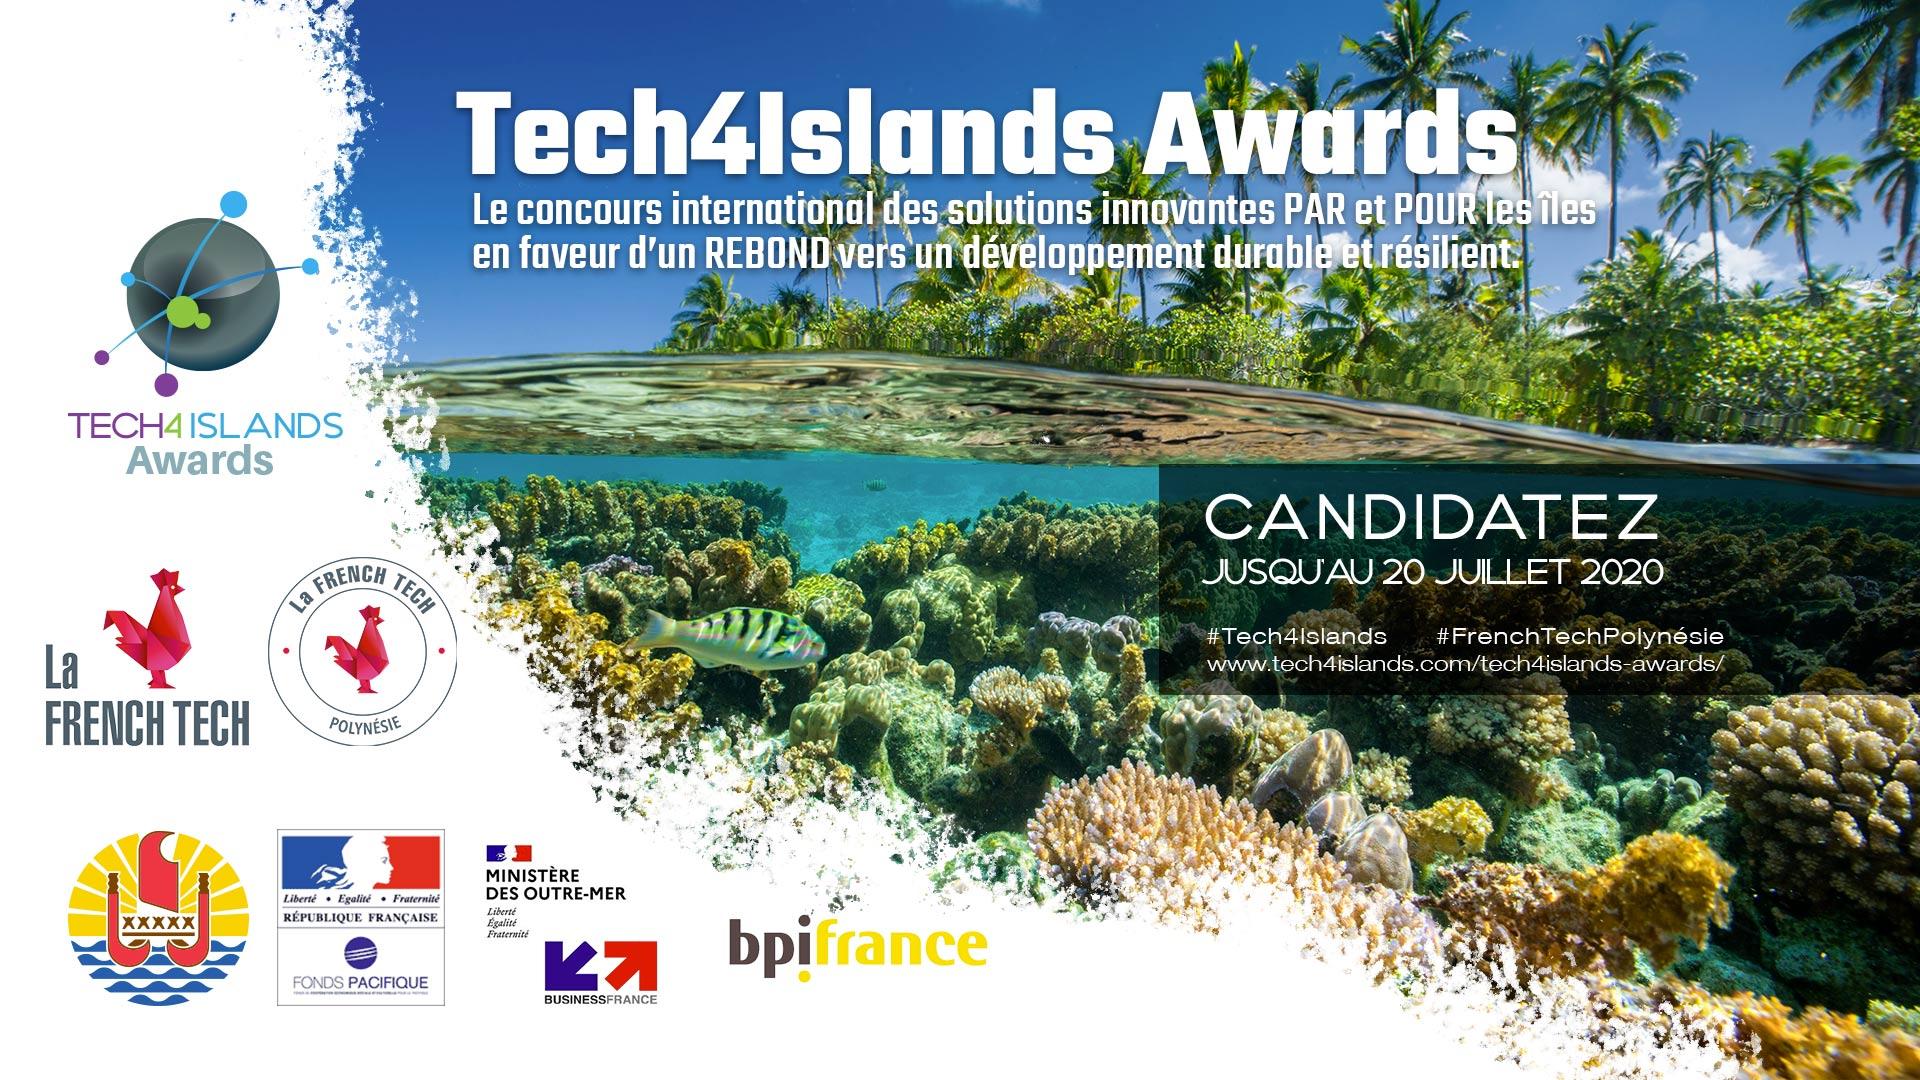 Tech4Islands-Awards-2020-16-9HD-FR